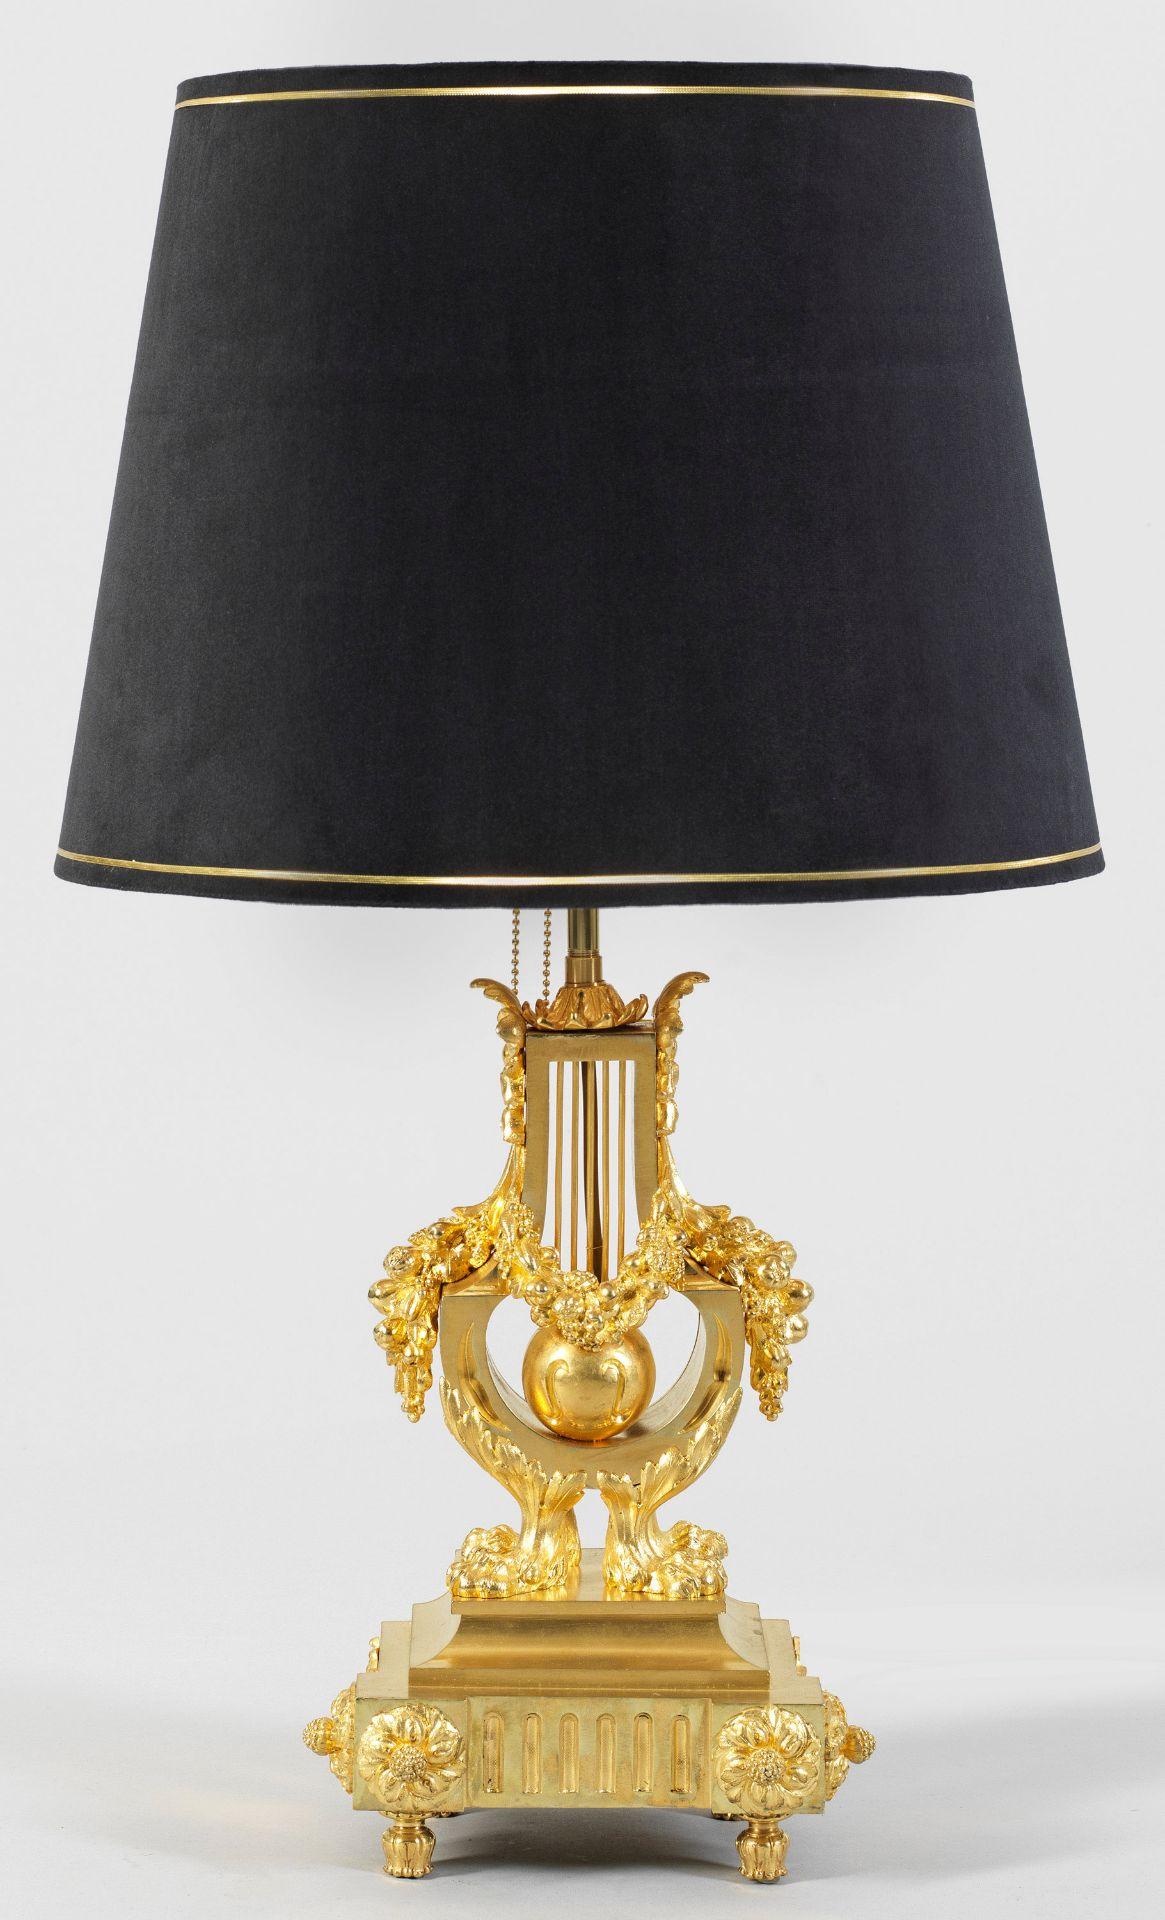 Große Napoleon III-Tischlampe